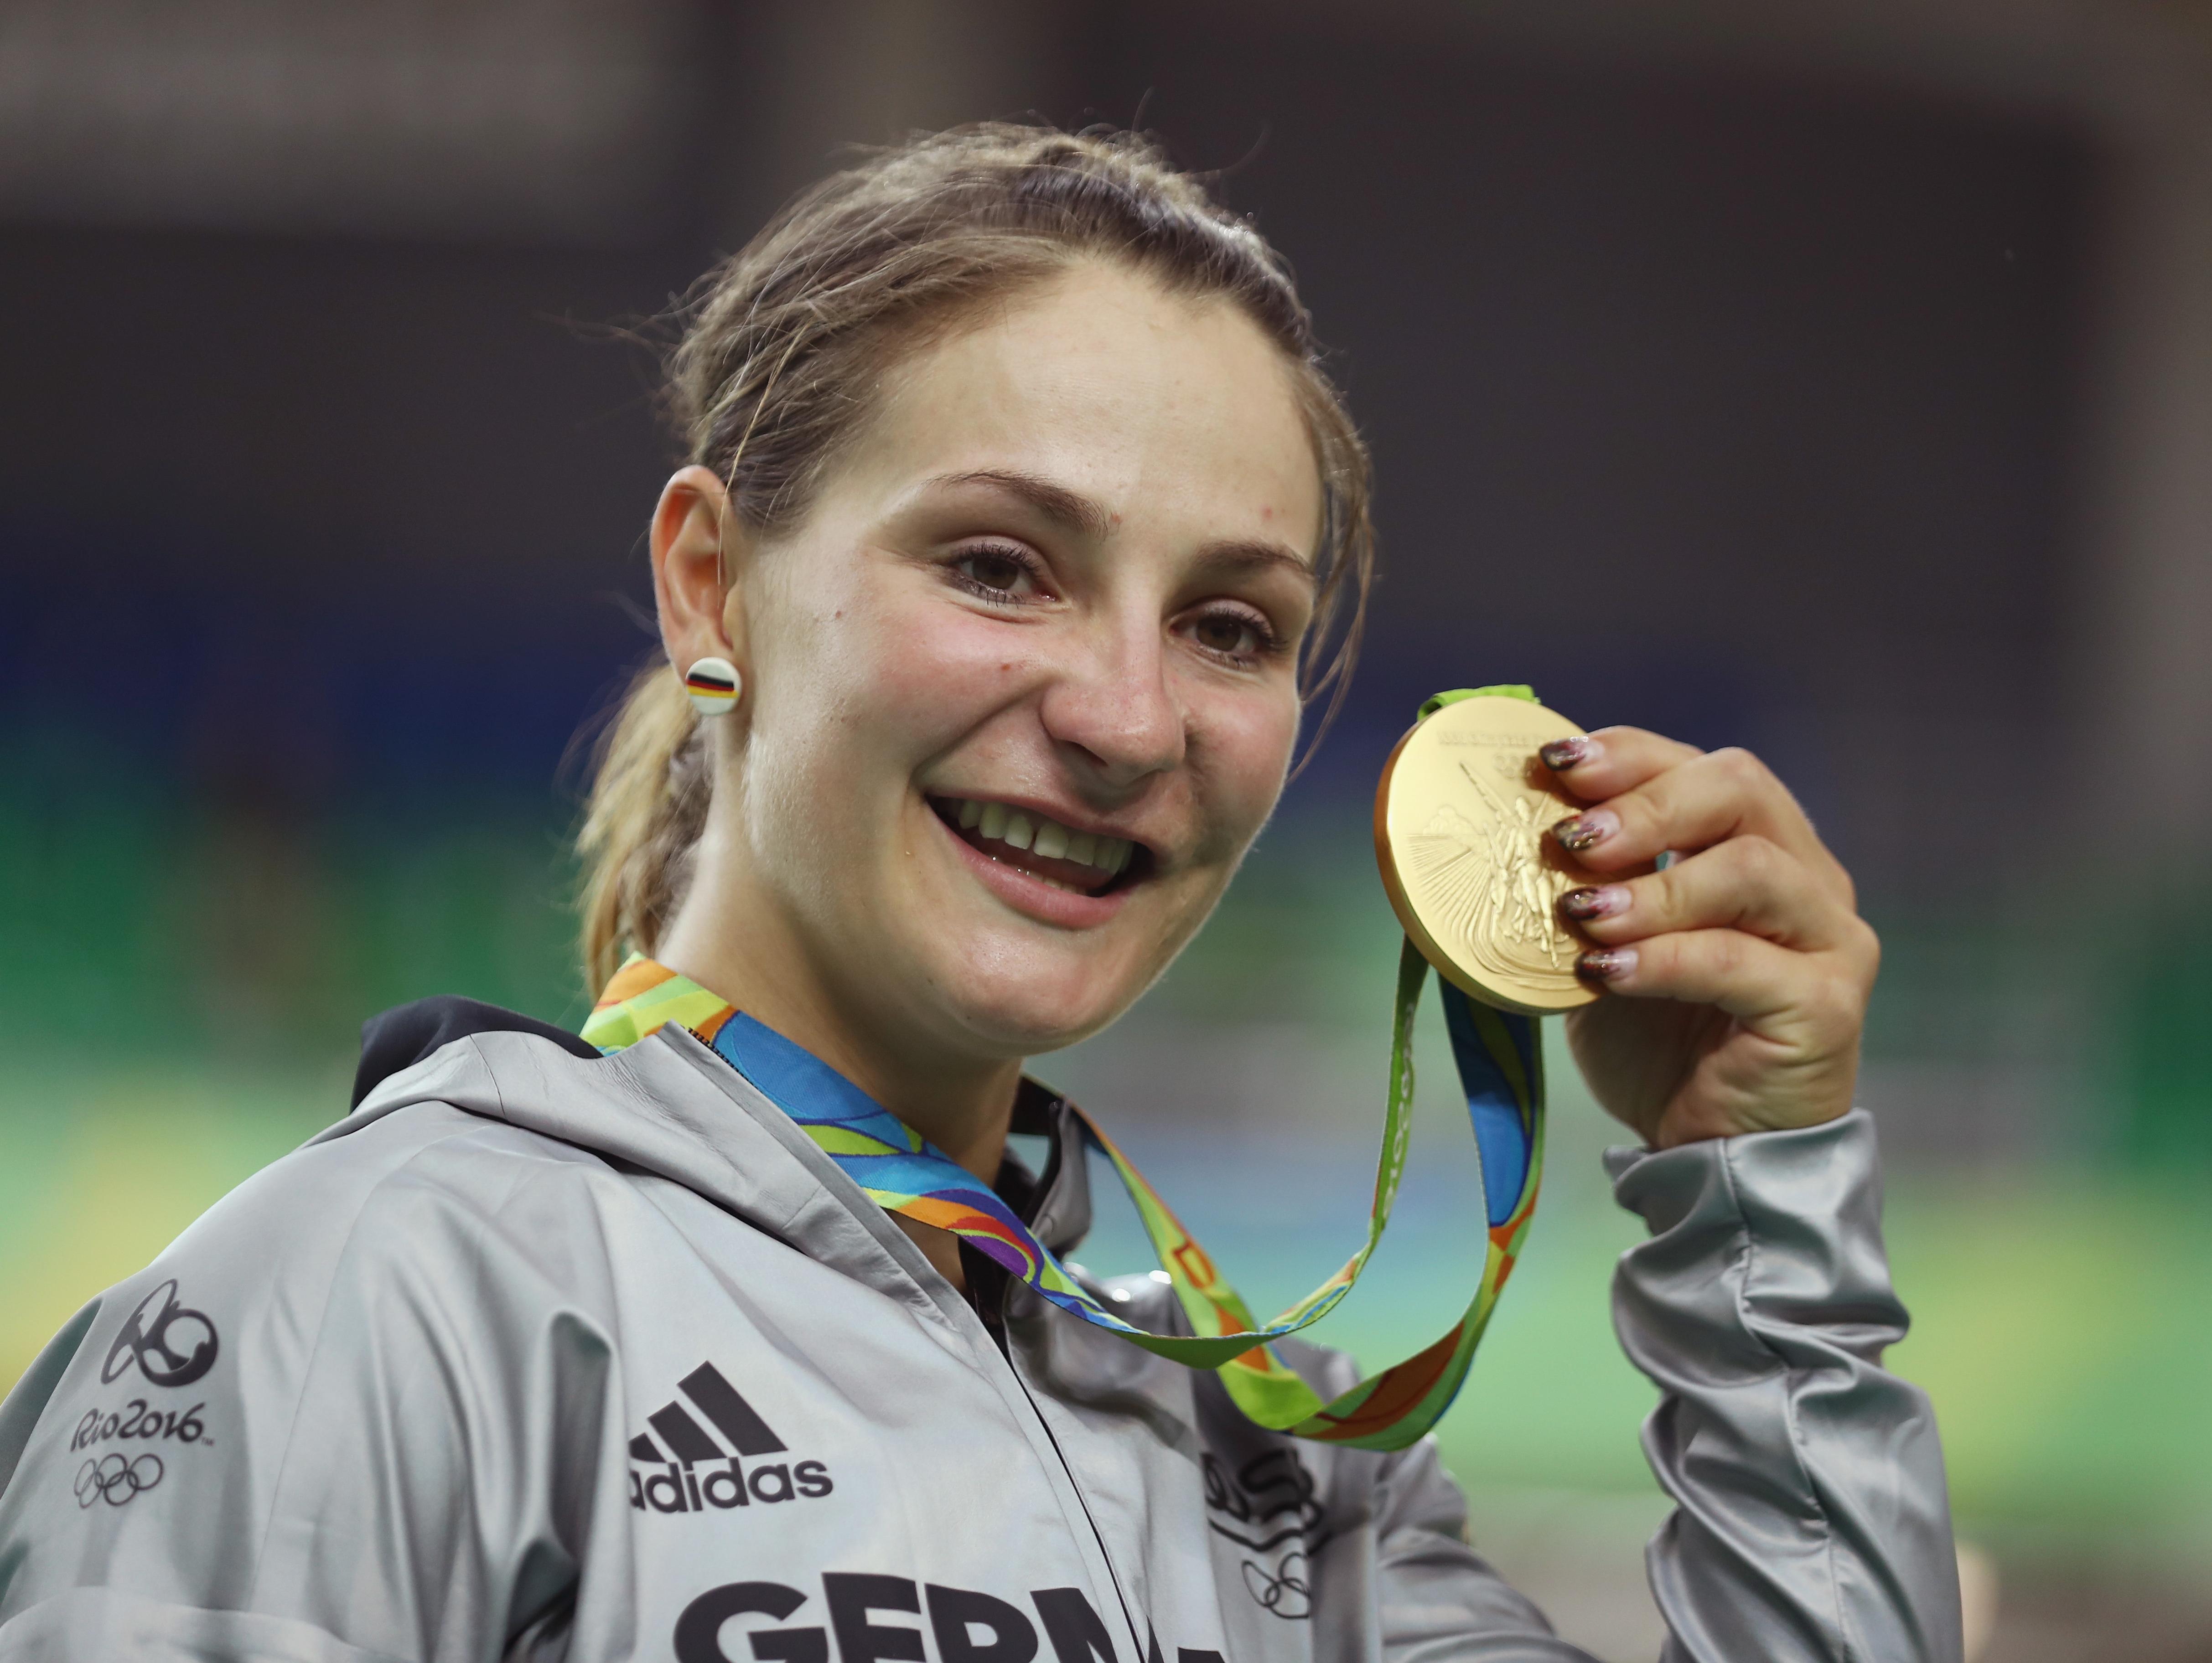 האלופה האולימפית קריסטינה פוגל חשפה כי נותרה משותקת: